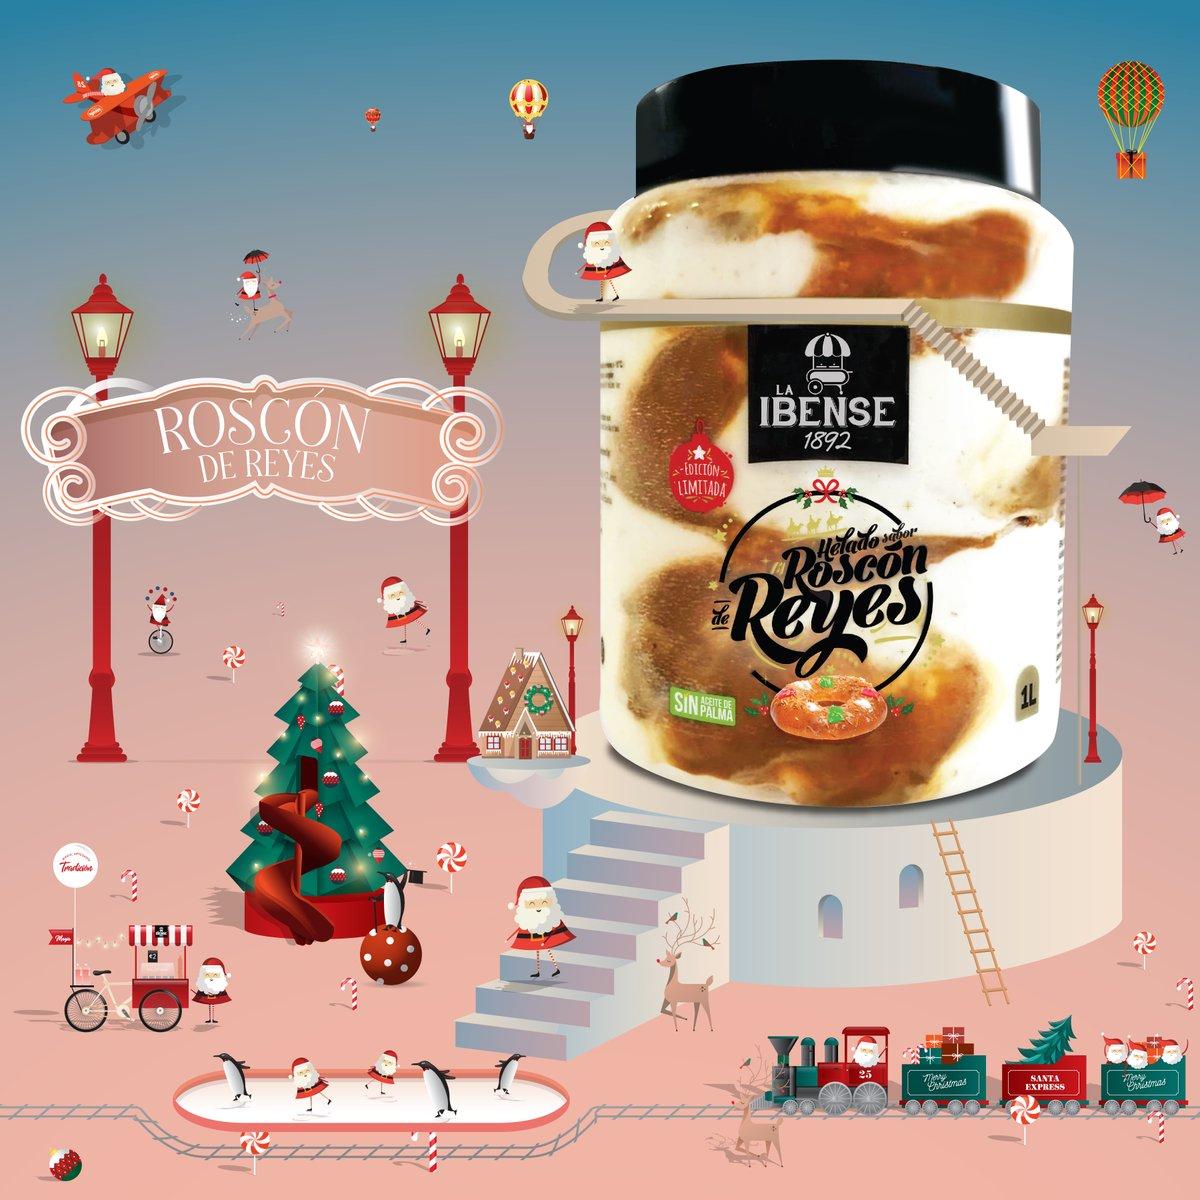 ¿Os habéis hecho ya con provisiones de nuestro helado de Roscón de Reyes👑? Recordaros que lo podéis encontrar, principalmente, en Alcampo, Ahorramas y E. Leclerc. #laibense1892 #instantesenormes #roscondereyes #Navidad2020 https://t.co/MgSACAxut0